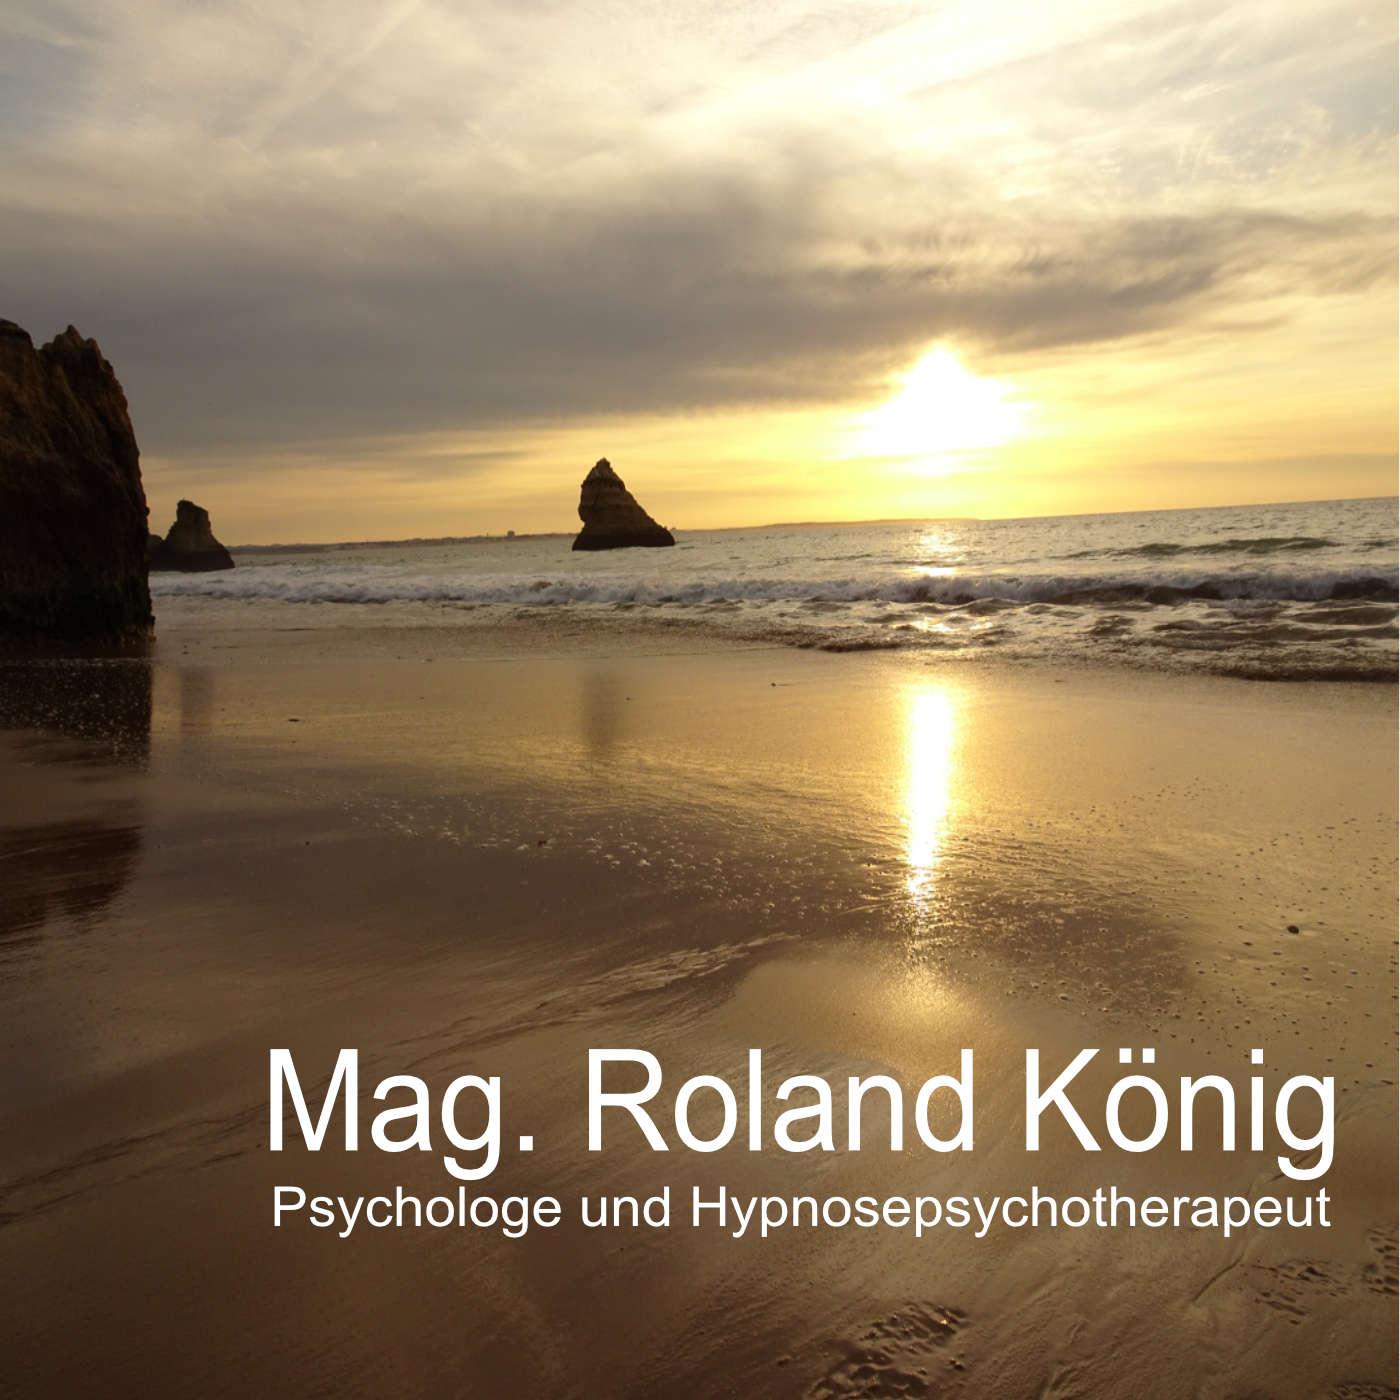 Hypnosen und Tipps zum Wohlfühlen - Psychologe Mag. Roland König